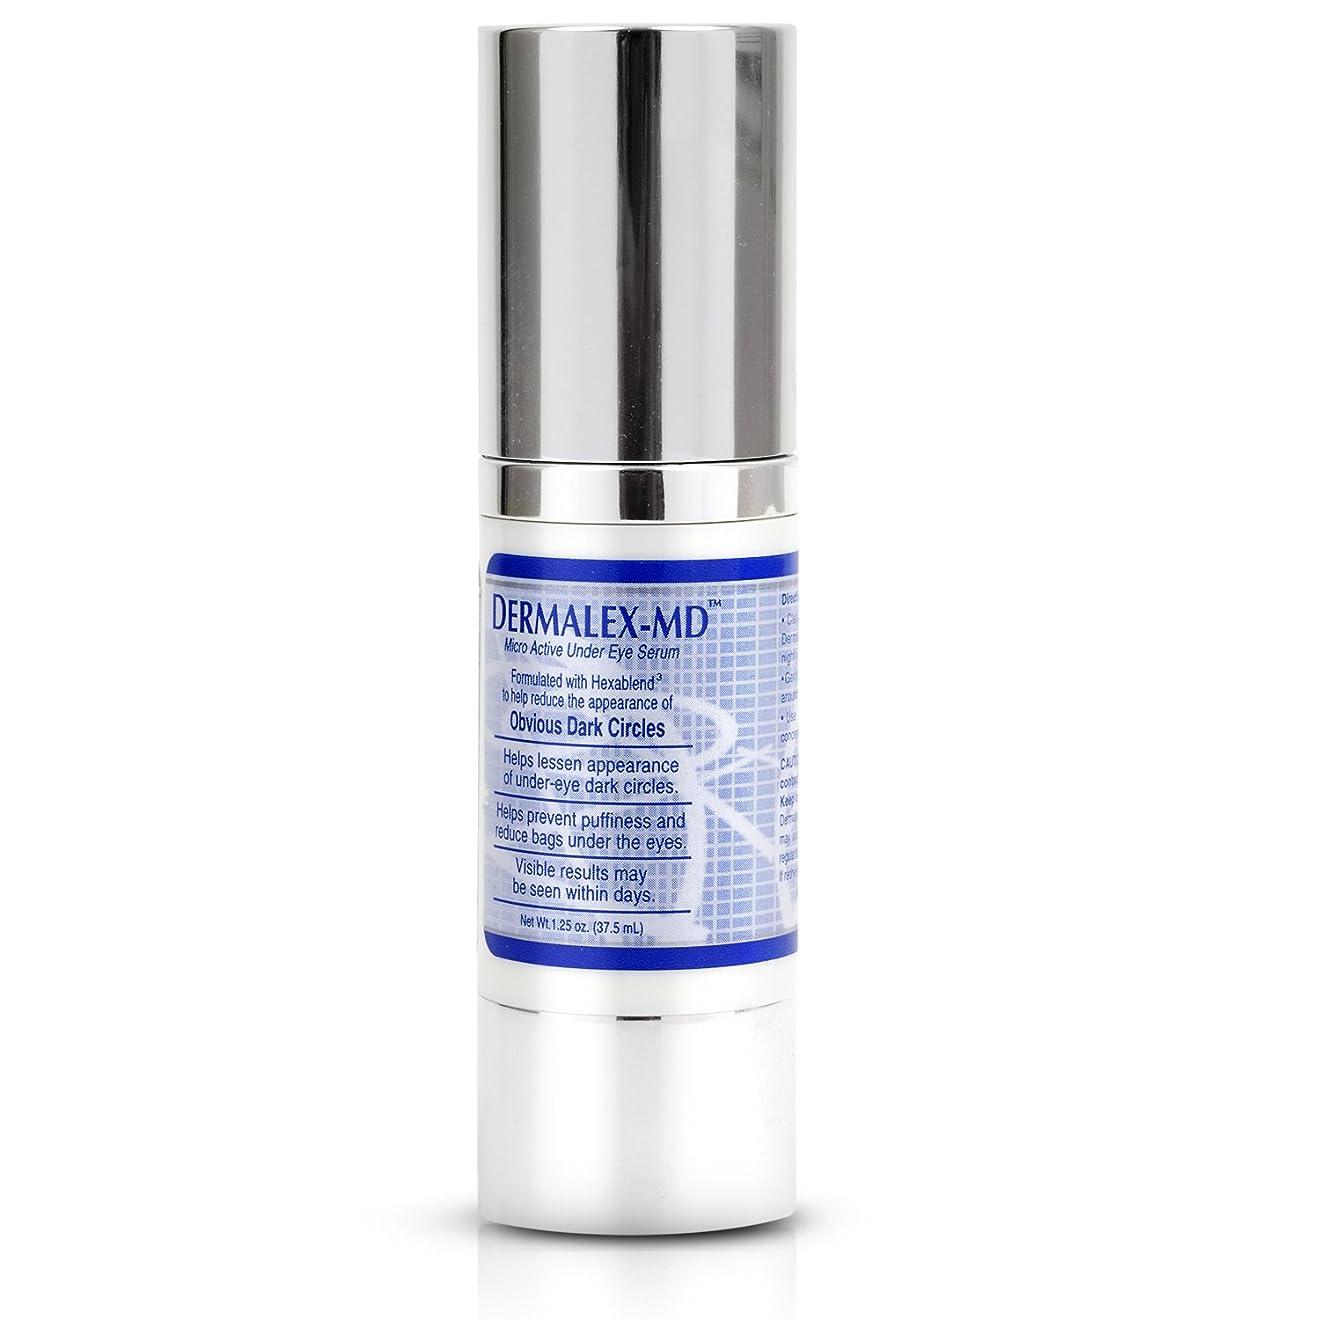 ロマンス粘液心配するダーマレックスMD アンダーアイセラム 37.5ml Dermalex-MD Under Eye Serum 1.25oz [海外直送品][並行輸入品]